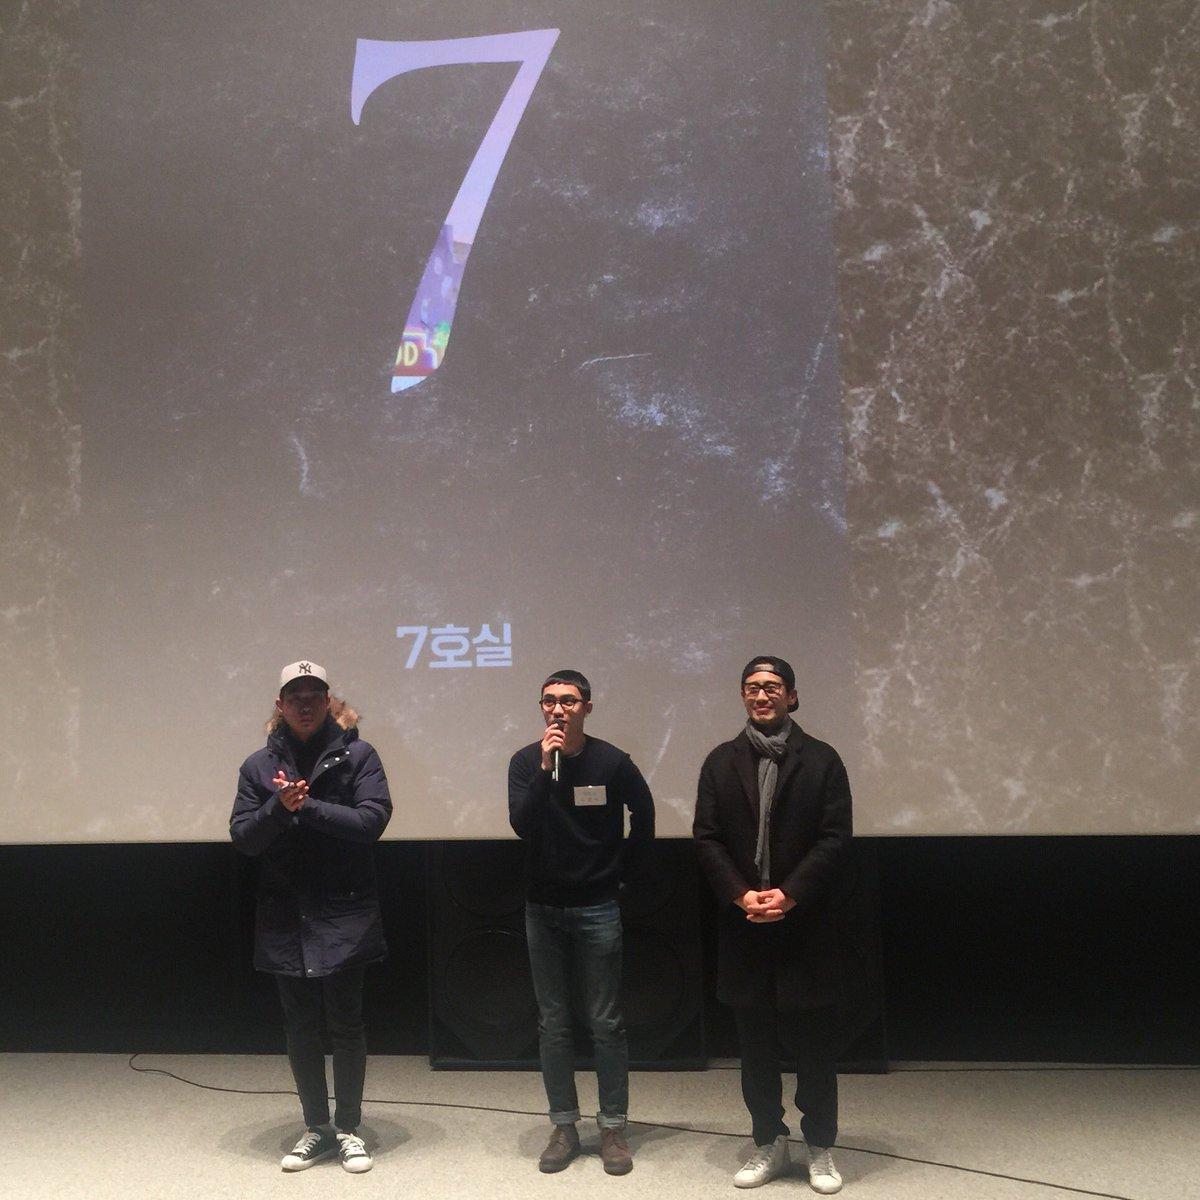 영화<7호실> 워크숍과 고사. 명필름의 37번째 작품. https://t.co/1Ai2dtP20Y